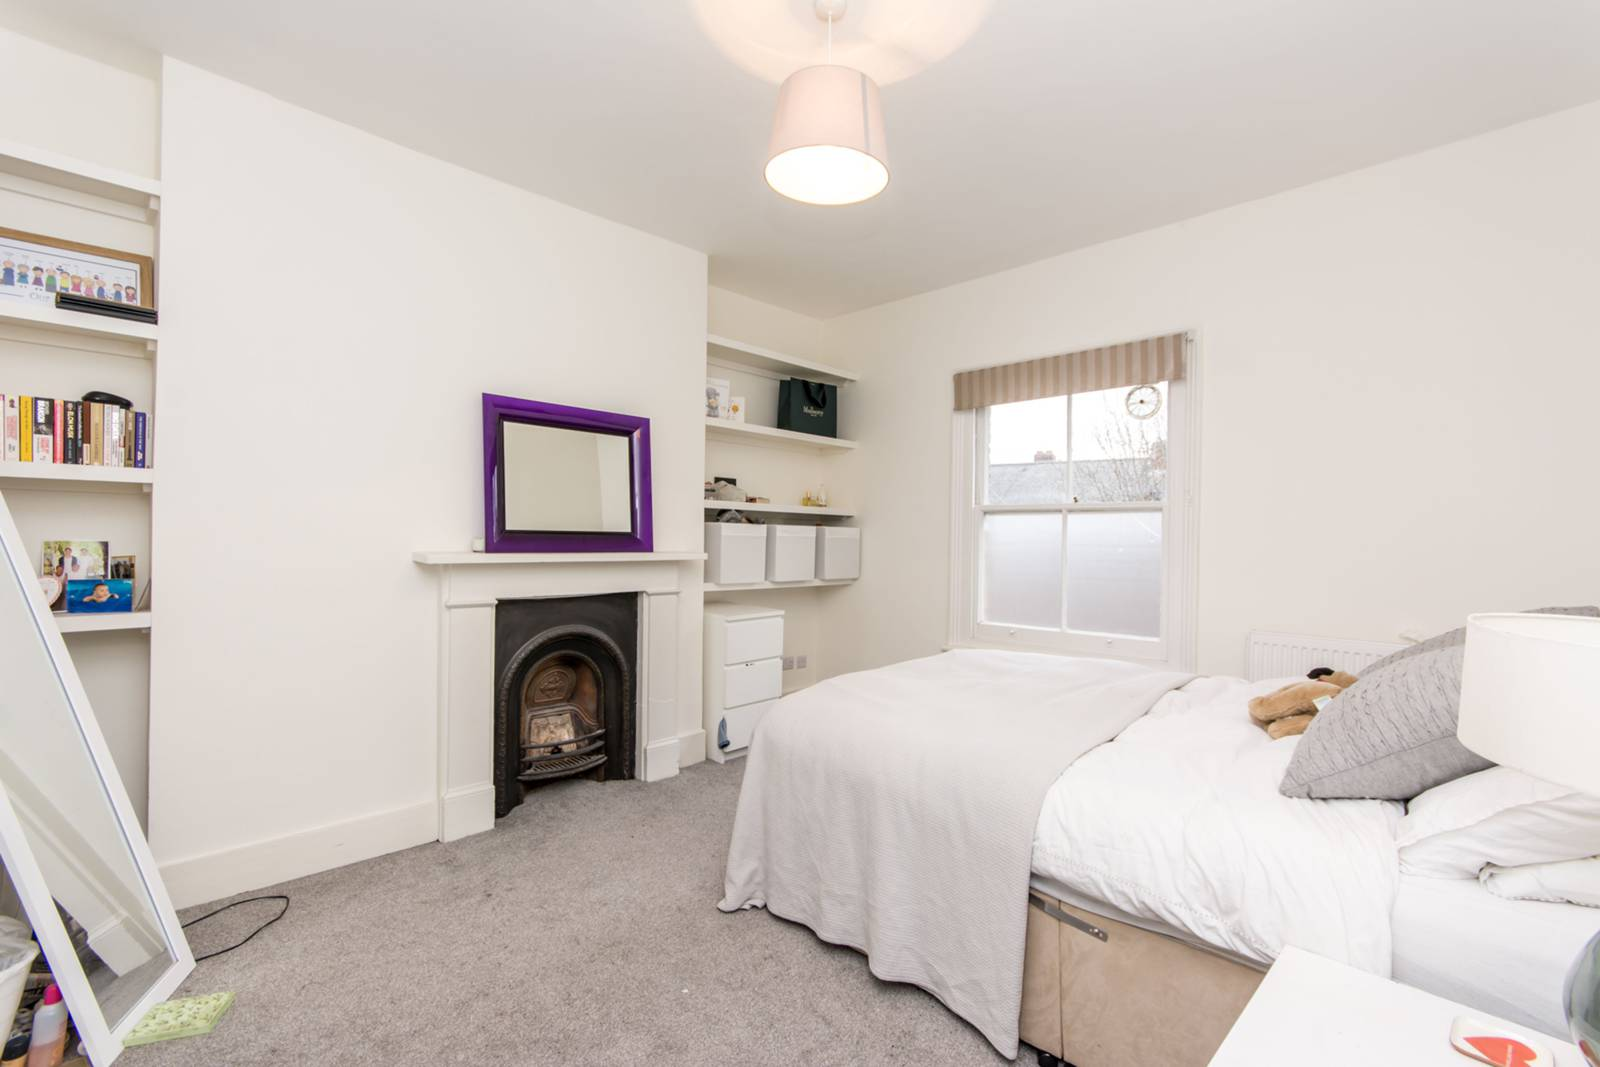 1 Bedroom Flat For Sale In Edith Road West Kensington W14 London